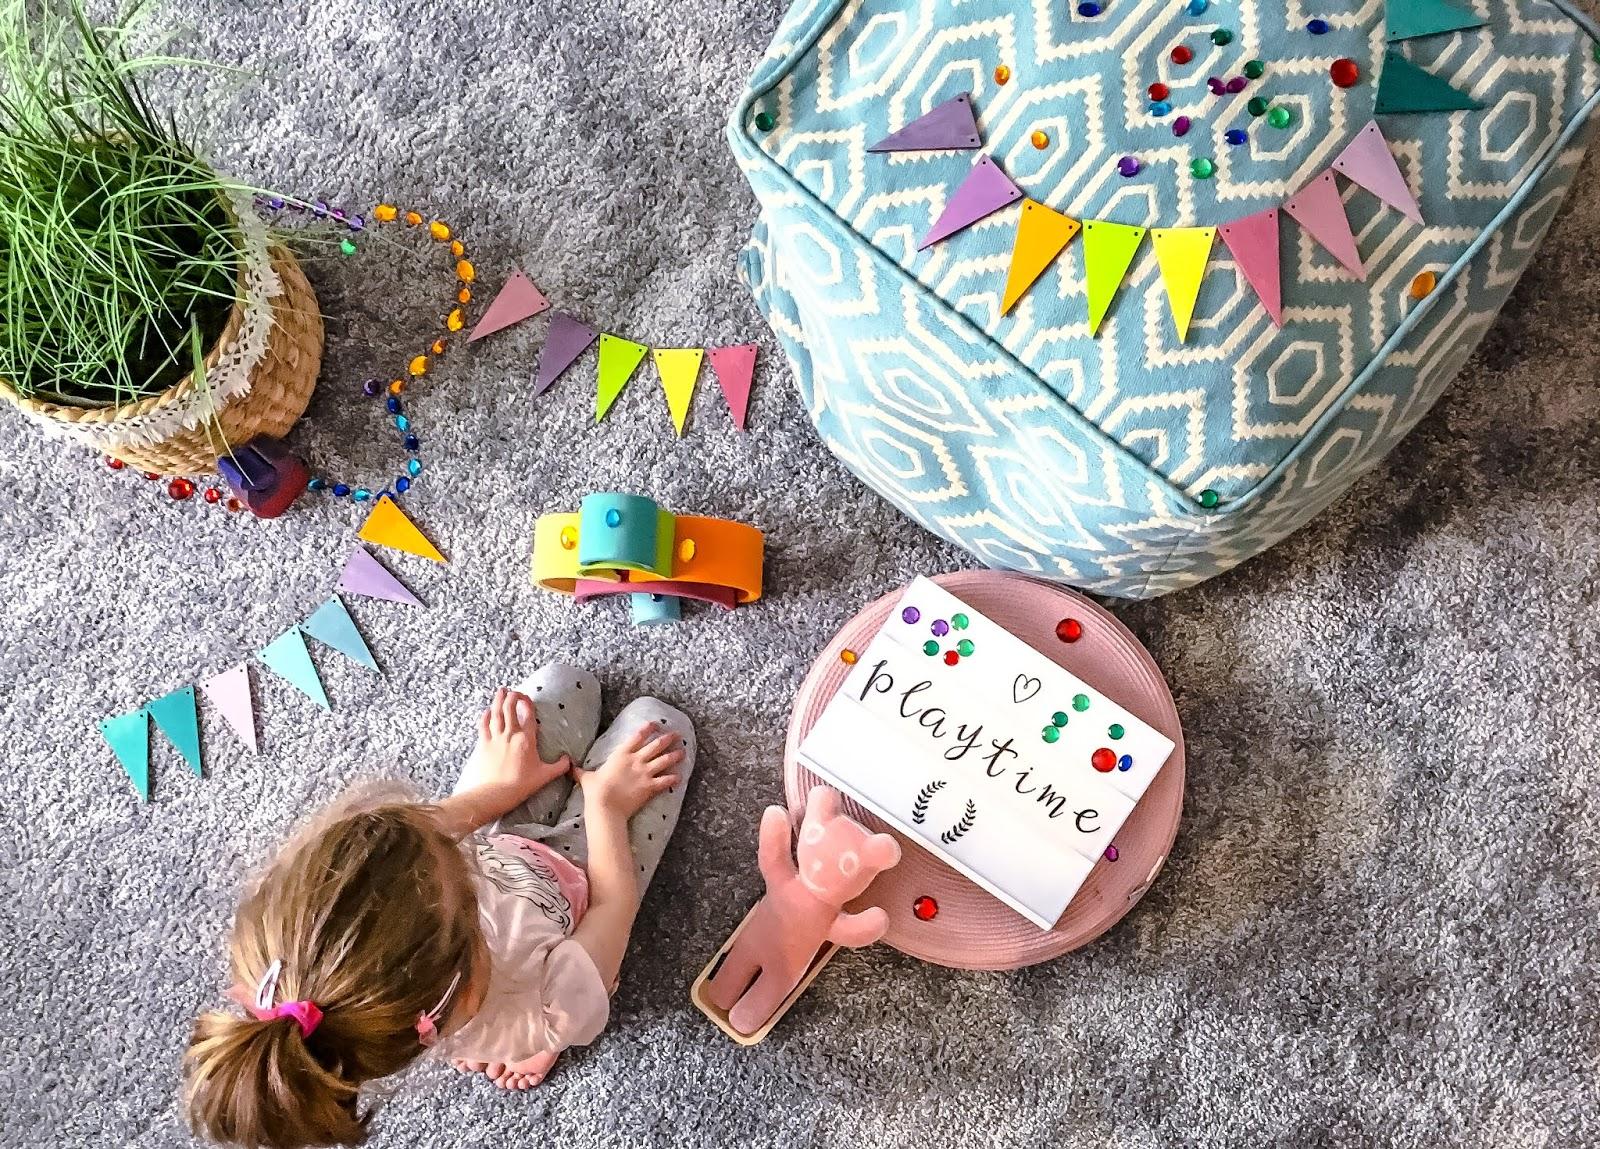 2a4aeca14a Gyerekkel vagy gyerekekkel élni sokszor áll távol mindentől, ami egyszerű.  Panoráma lehet a zero waste, a hygge és a lagom, a szépen berendezett  montesszori ...